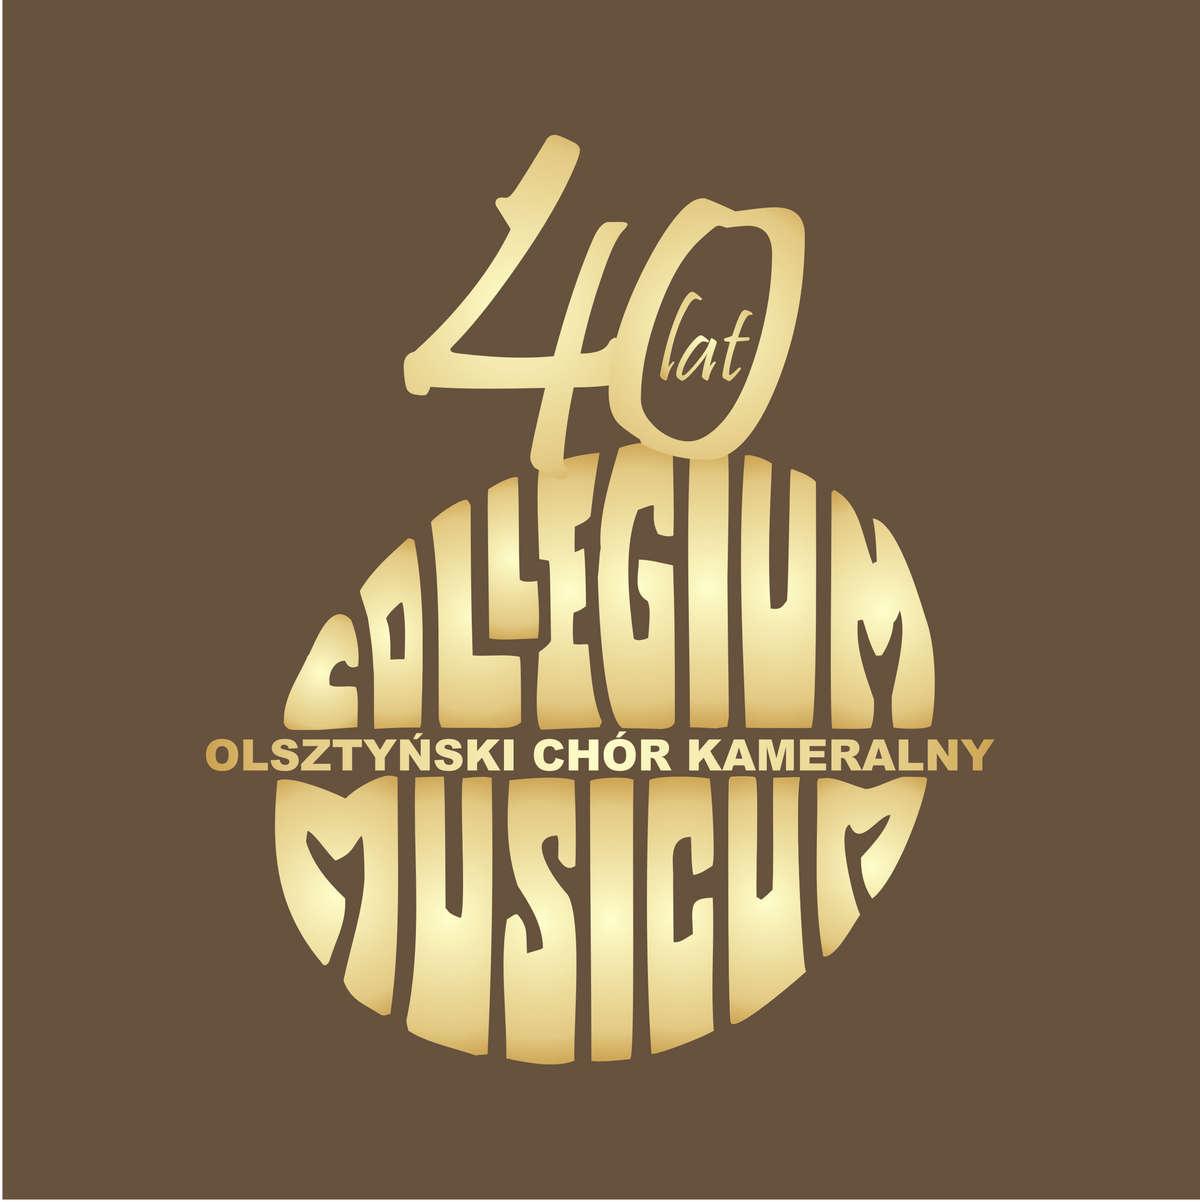 40 lat chóru Collegium Musicum w pamiątkach - full image